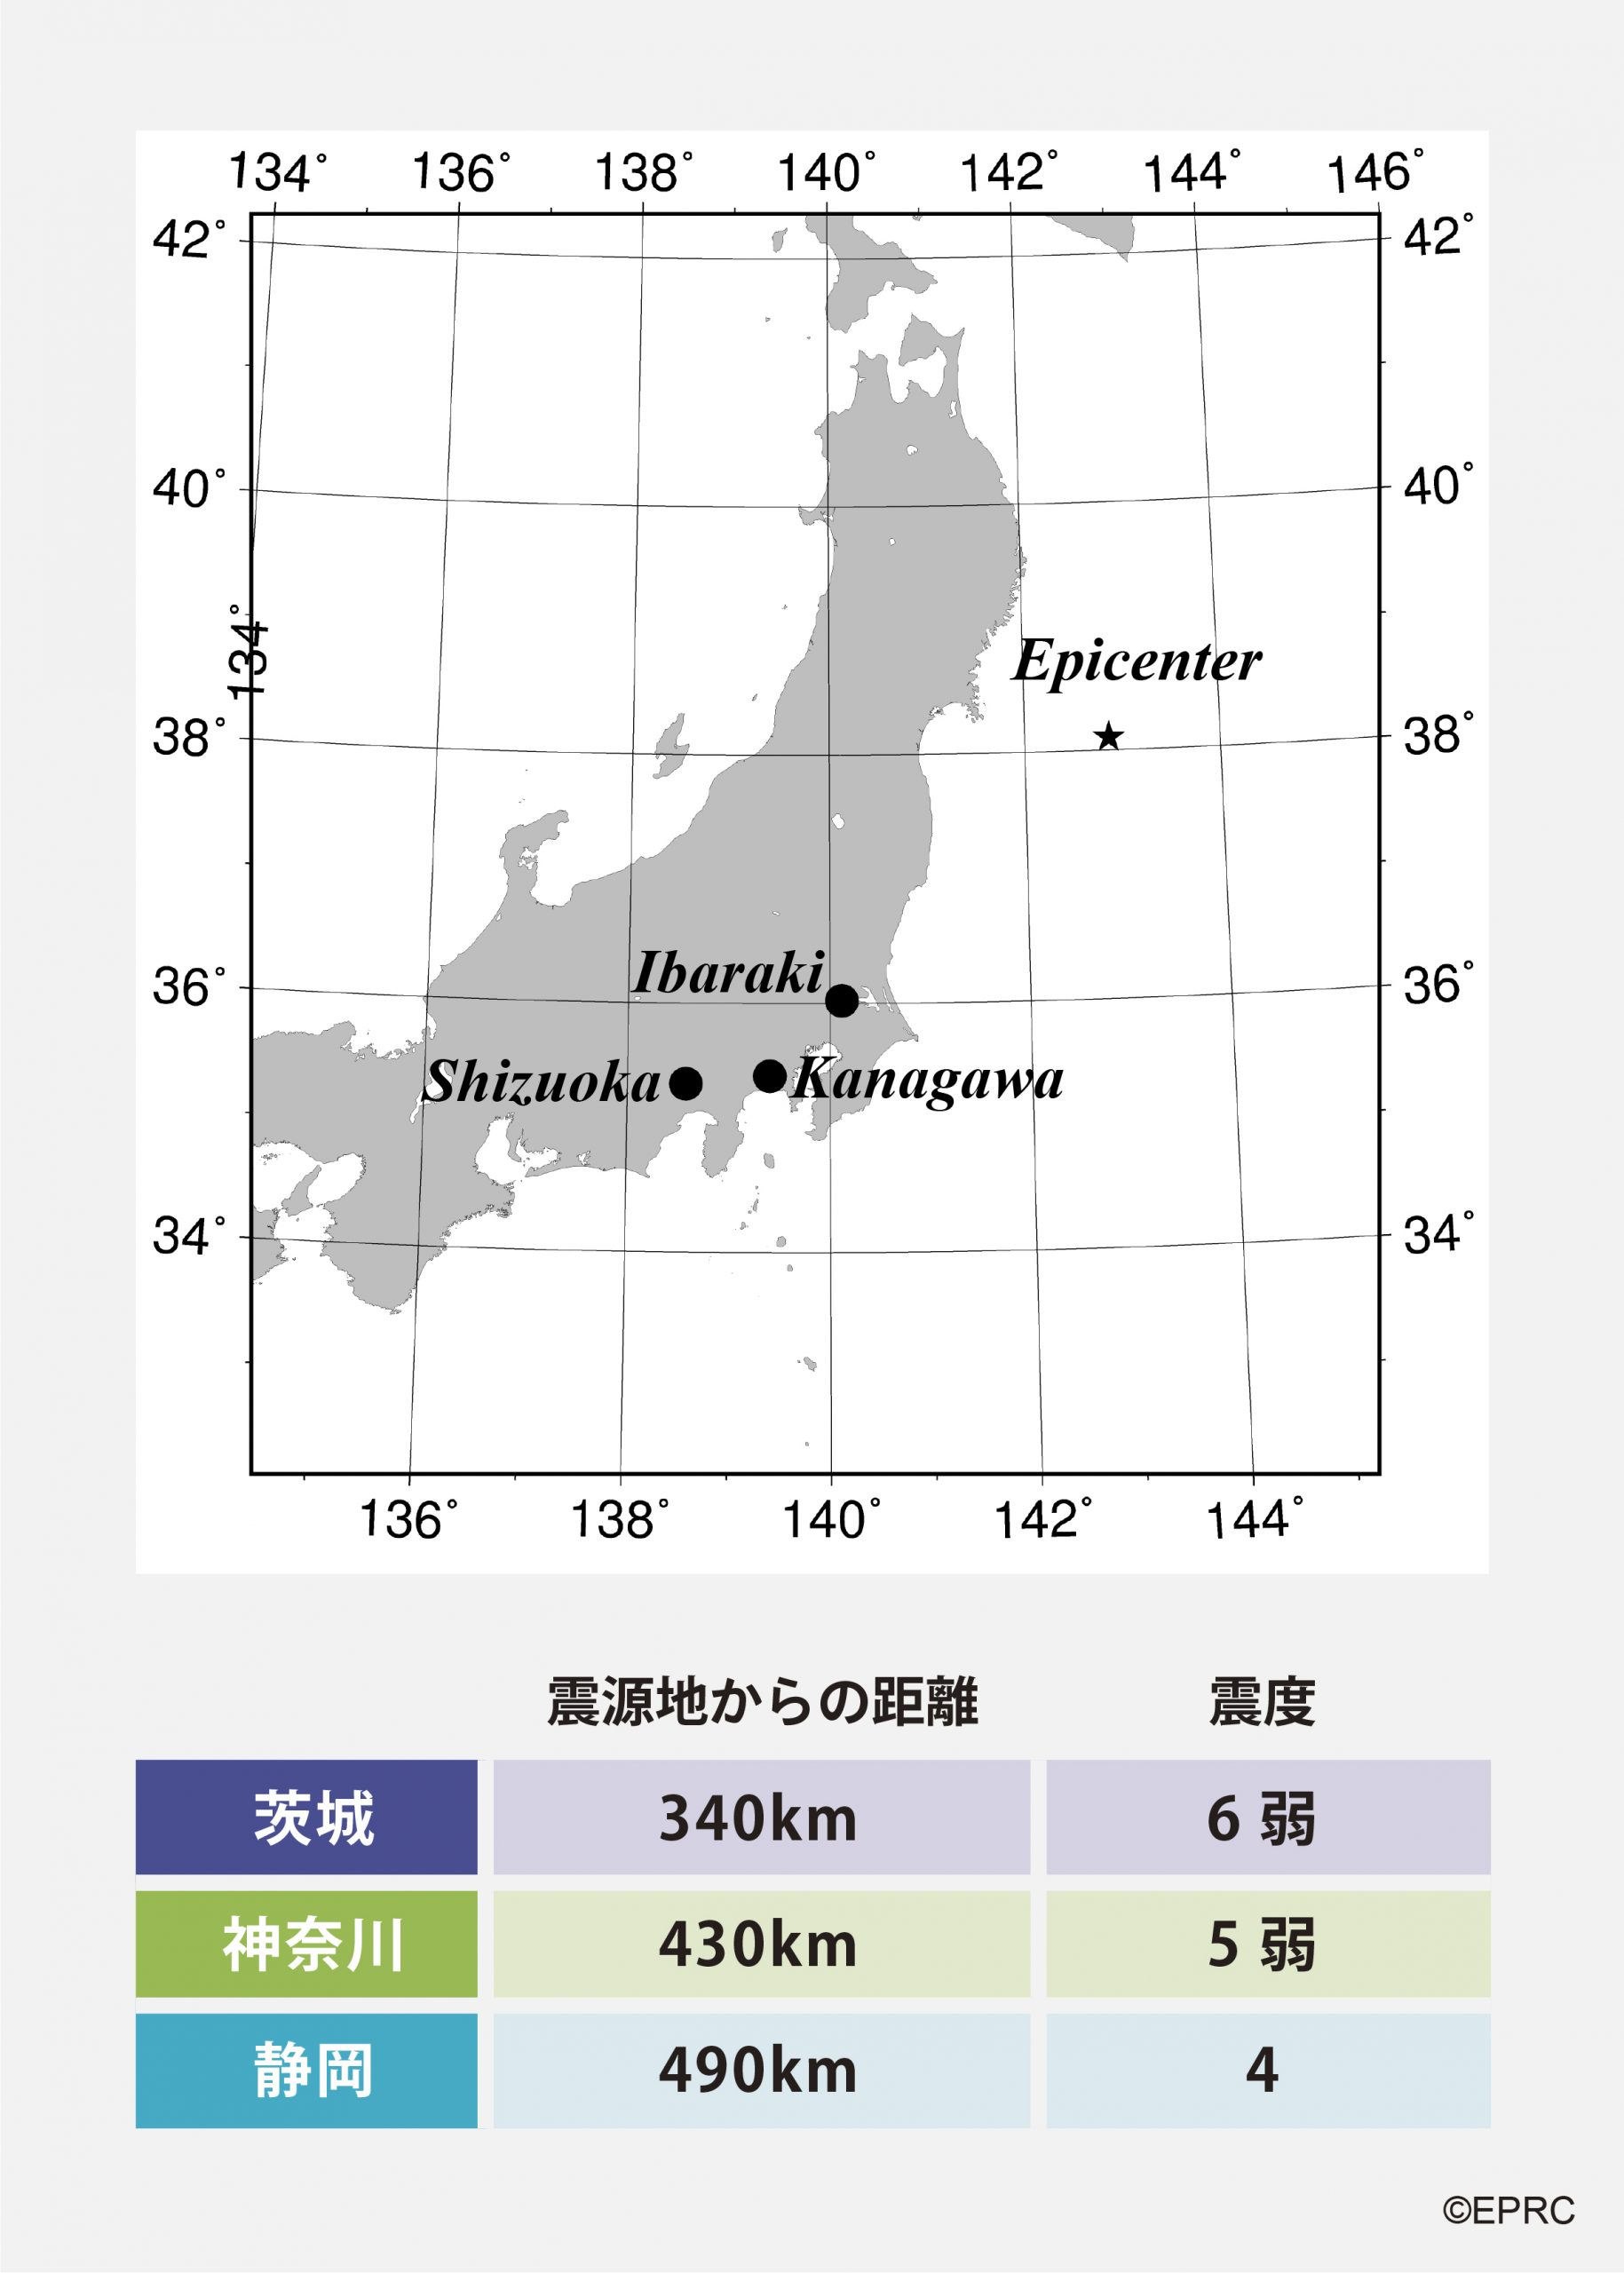 震央地と牧場の位置を示した地図